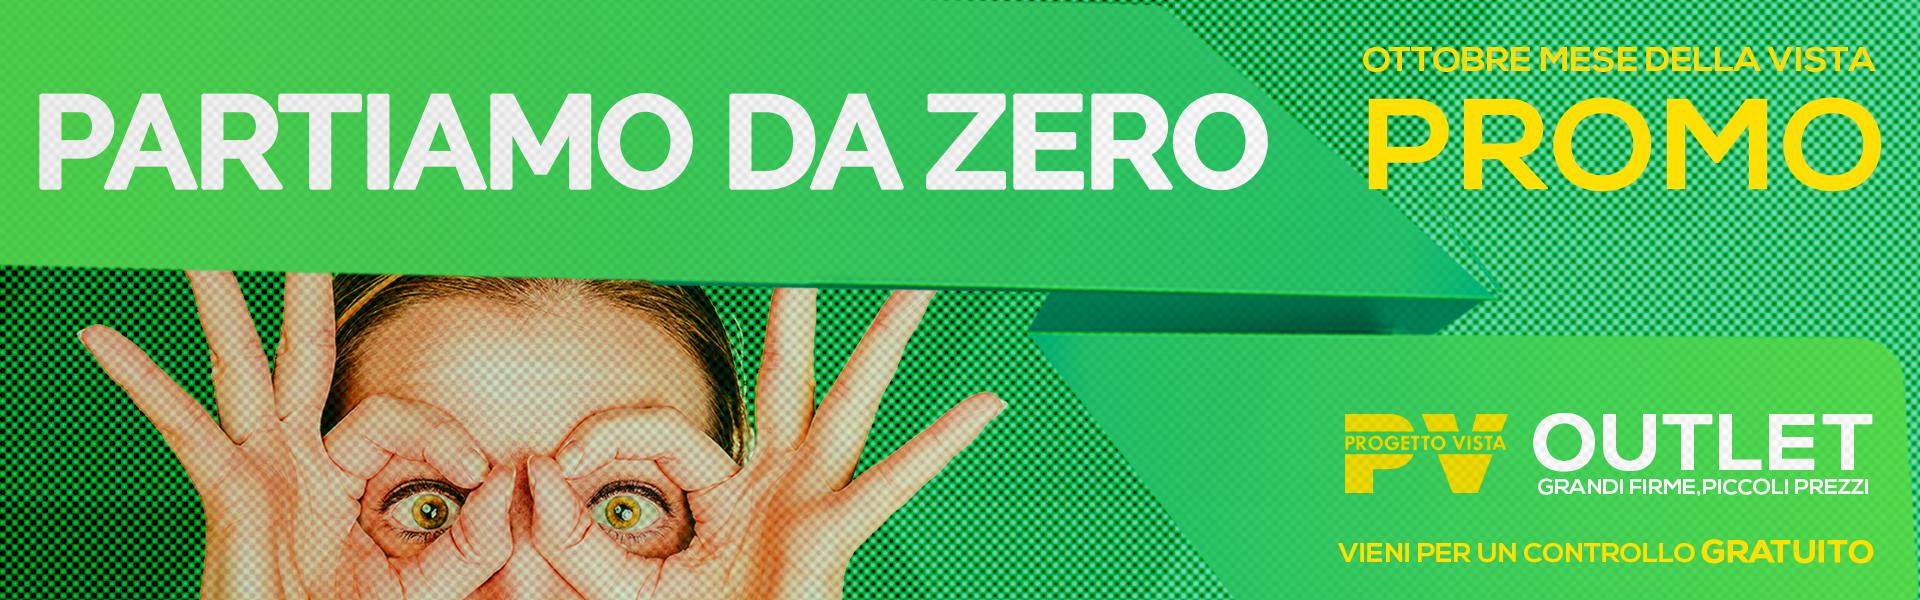 Promozione Partiamo Da Zero